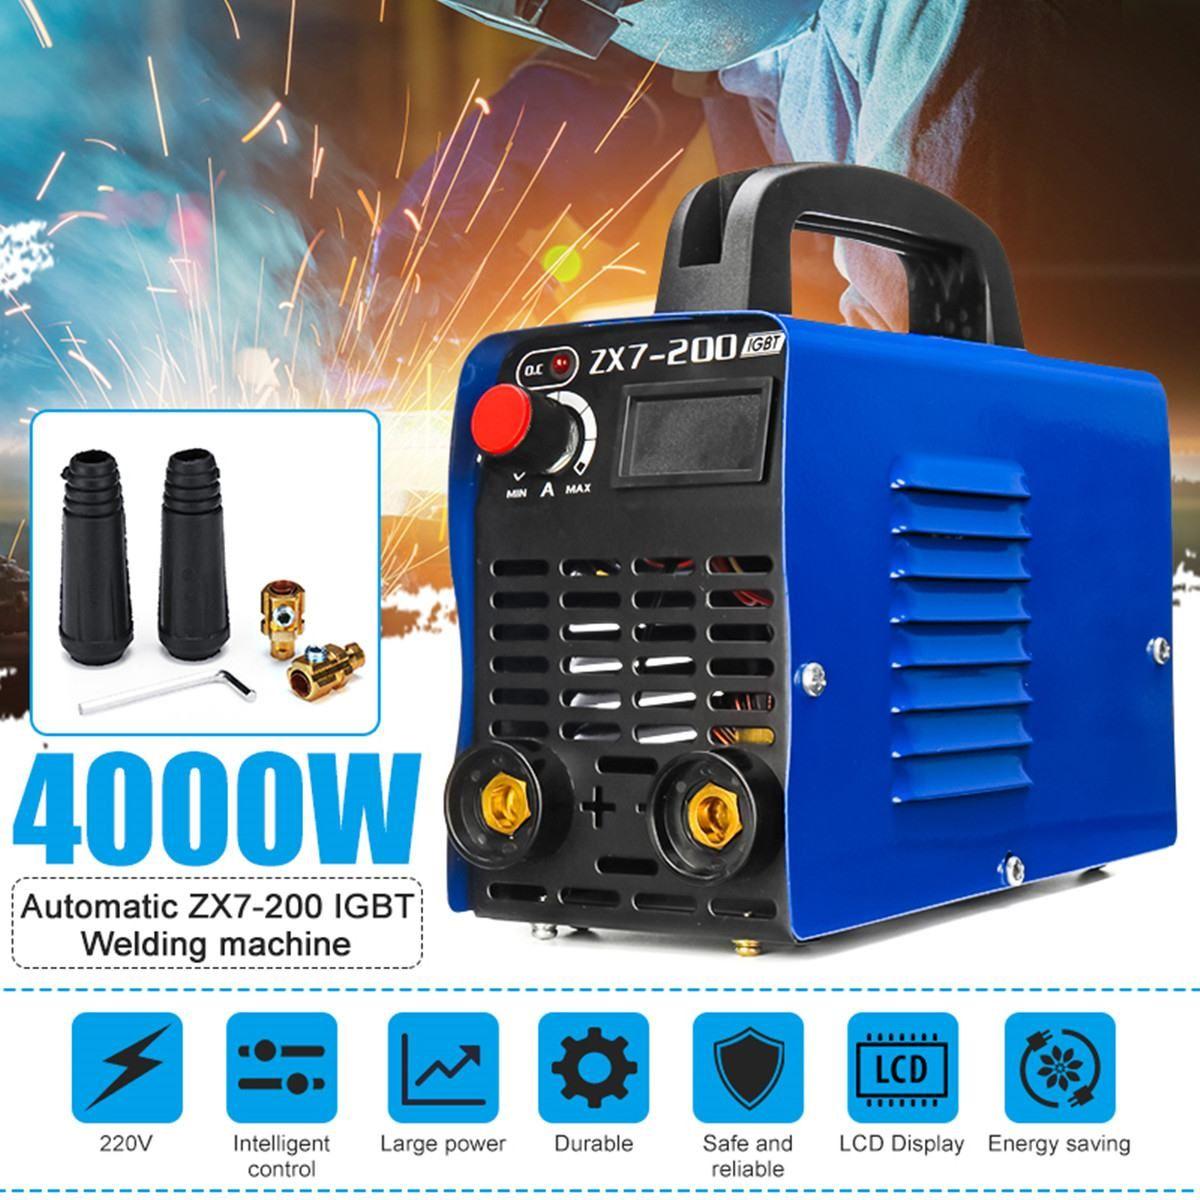 4000 watt 20A-200A Einstellbar Tragbare Mini Handheld IGBT Inverter Arc Schweißen Maschine Digitale Elektrische-Schweißer Inverter Maschine Werkzeug